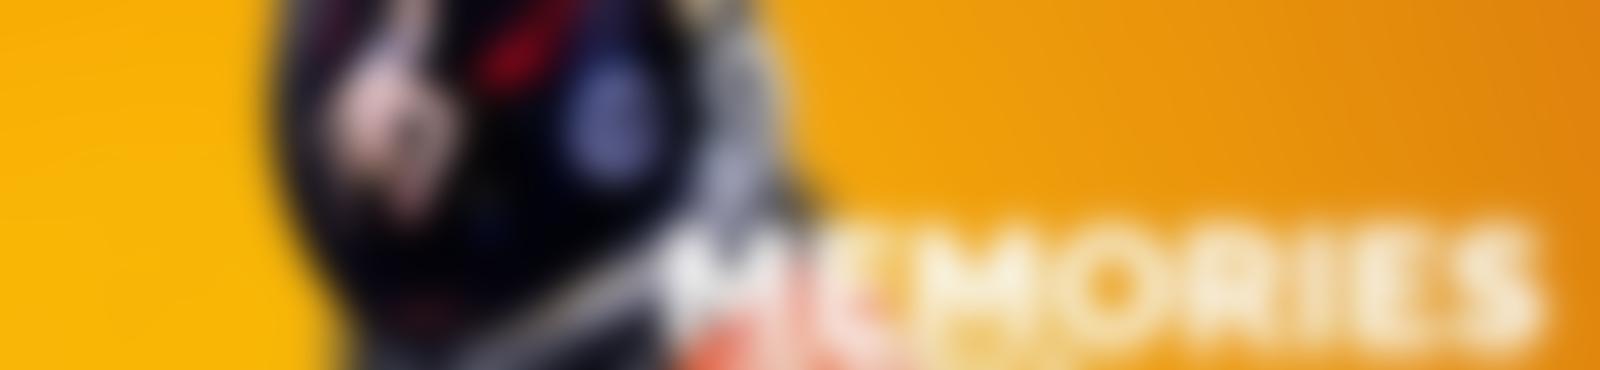 Blurred 0889705e e36b 4c9e 9f29 dc6cd9c3cccd